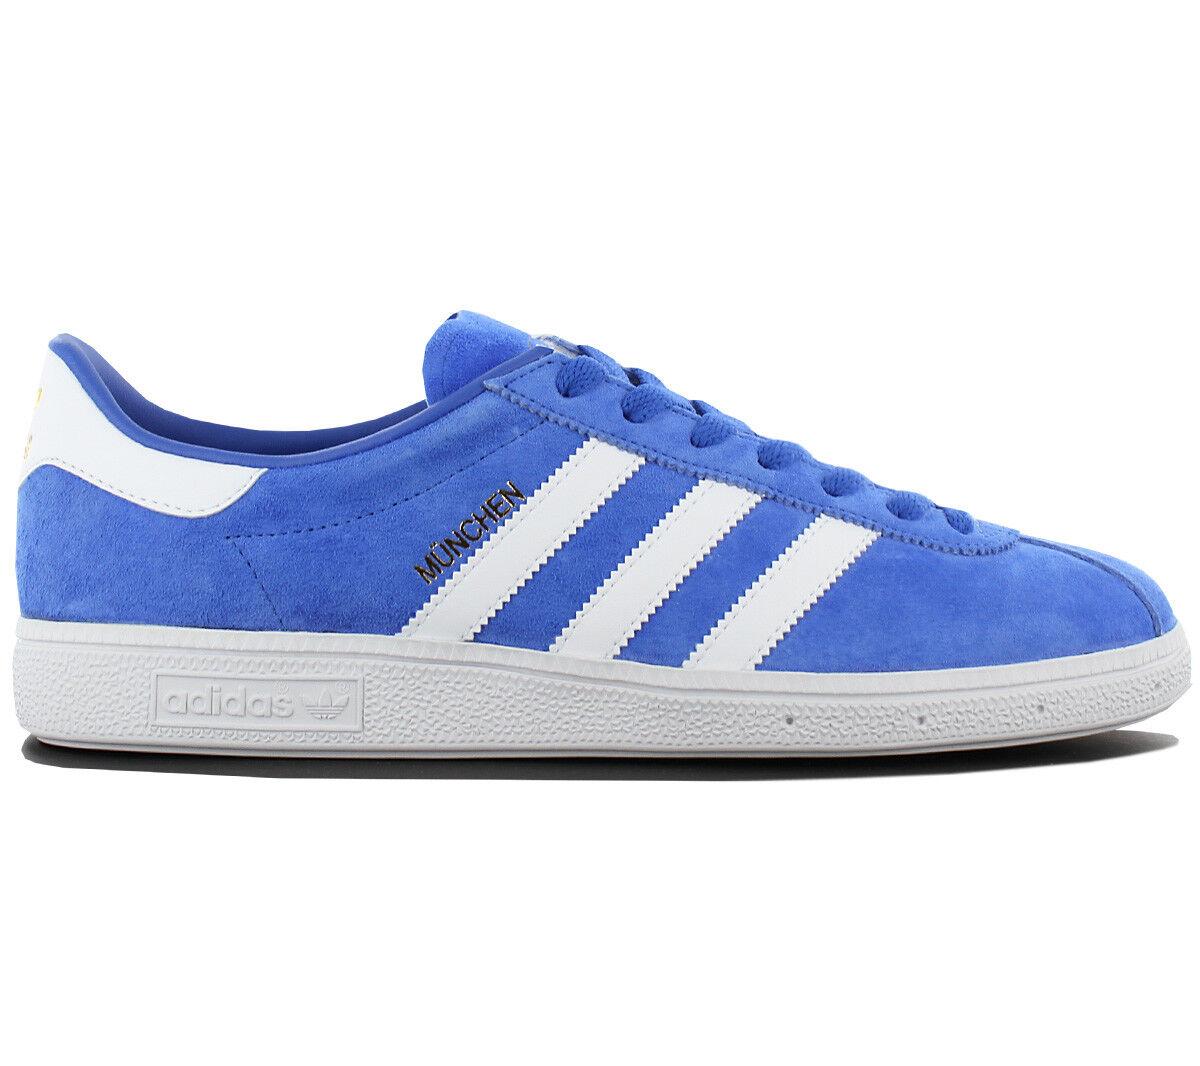 Adidas Originals München Leder Herren Sneaker Schuhe Blau BY1723 Turnschuhe